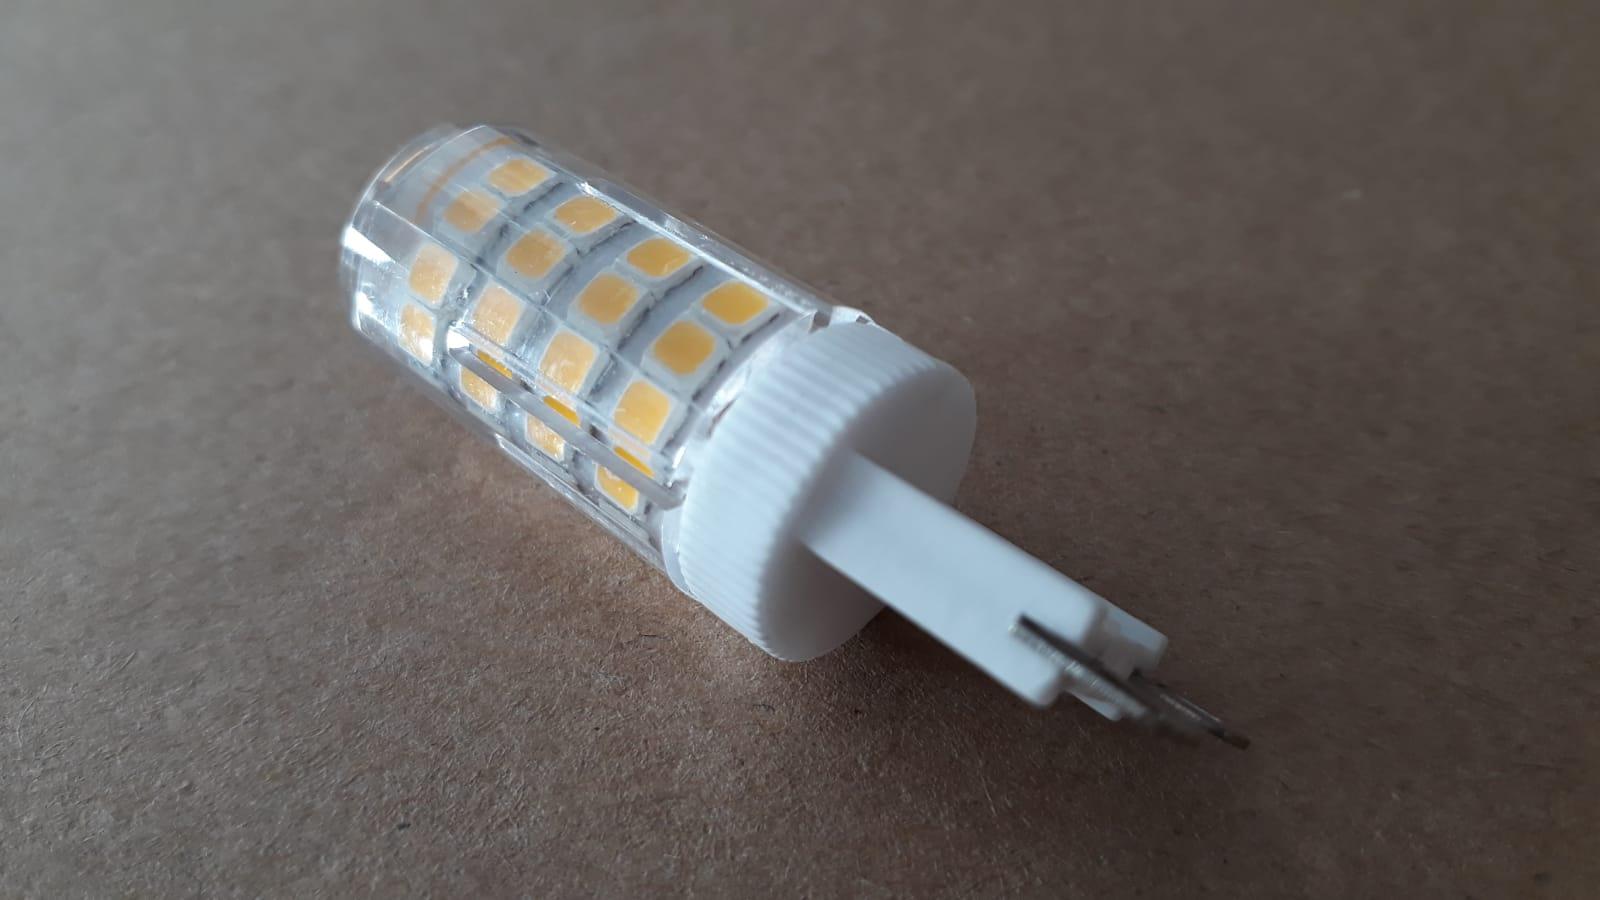 Lampada LED G9 5w 3000k Bivolt Bipino Halopin Branco Quente Encapsulada  - OUTLED ILUMINAÇÃO